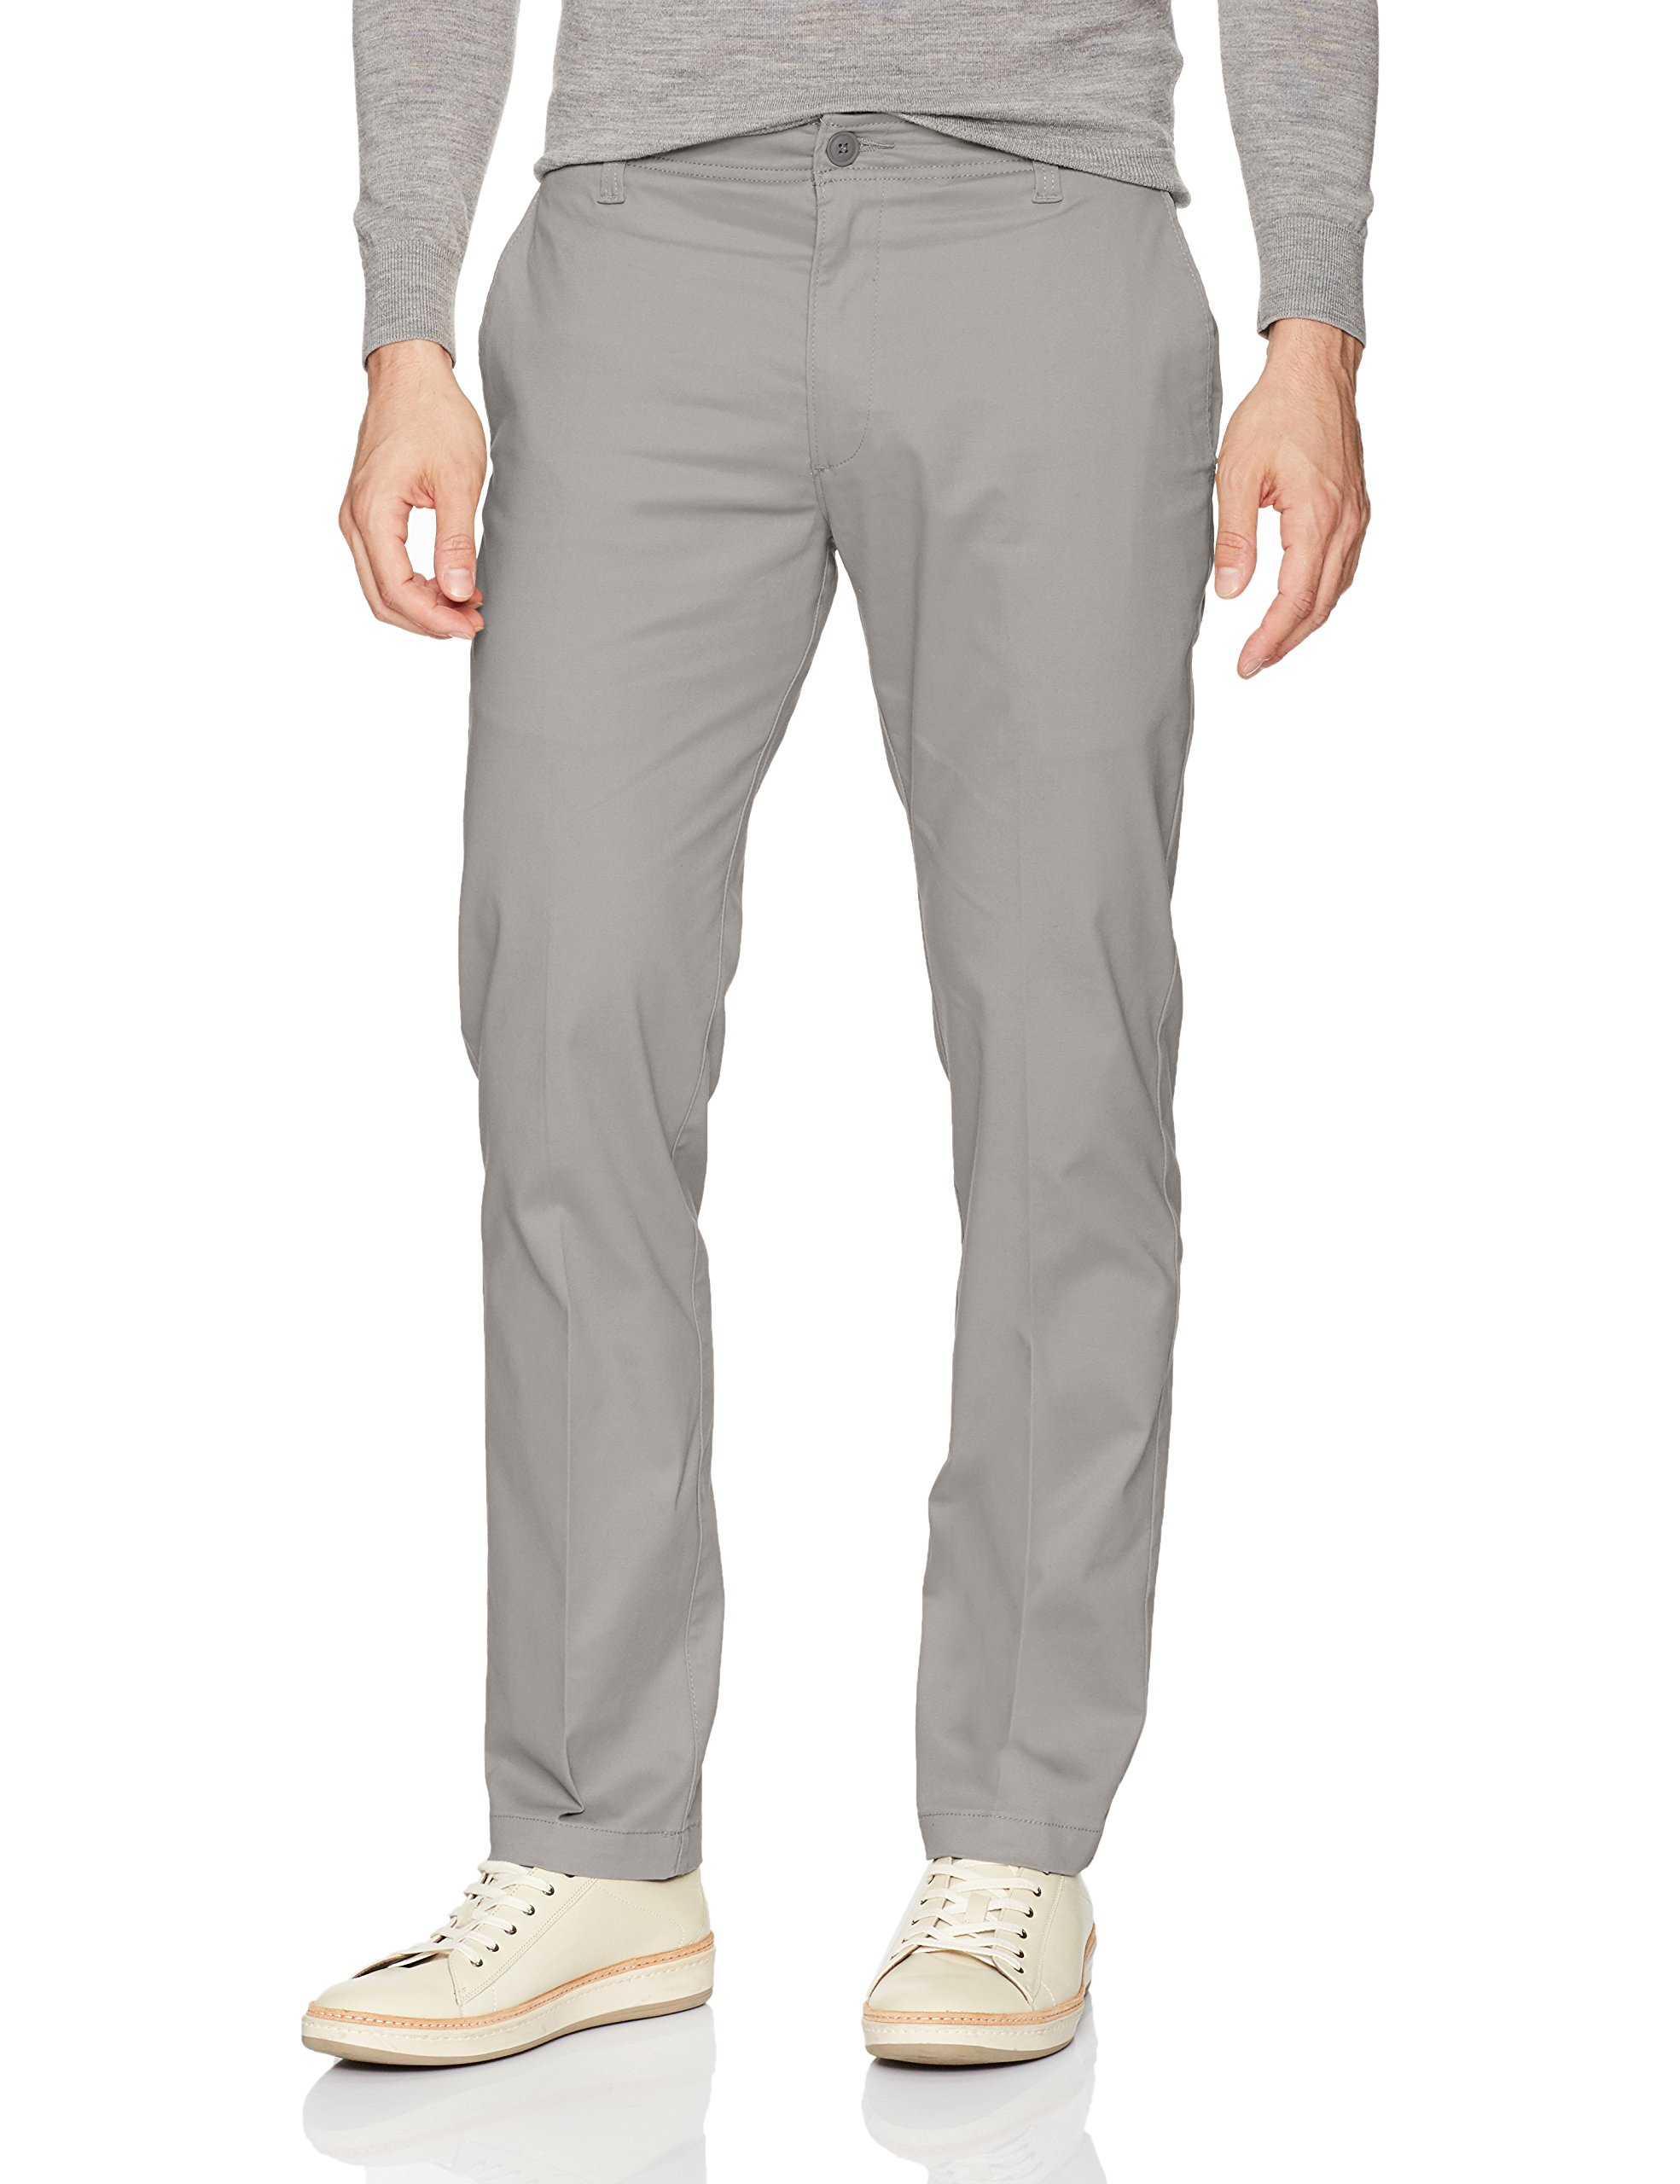 LEE Mens Performance Series Extreme Comfort Slim Pant Lee Men/'s Sportswear 42745